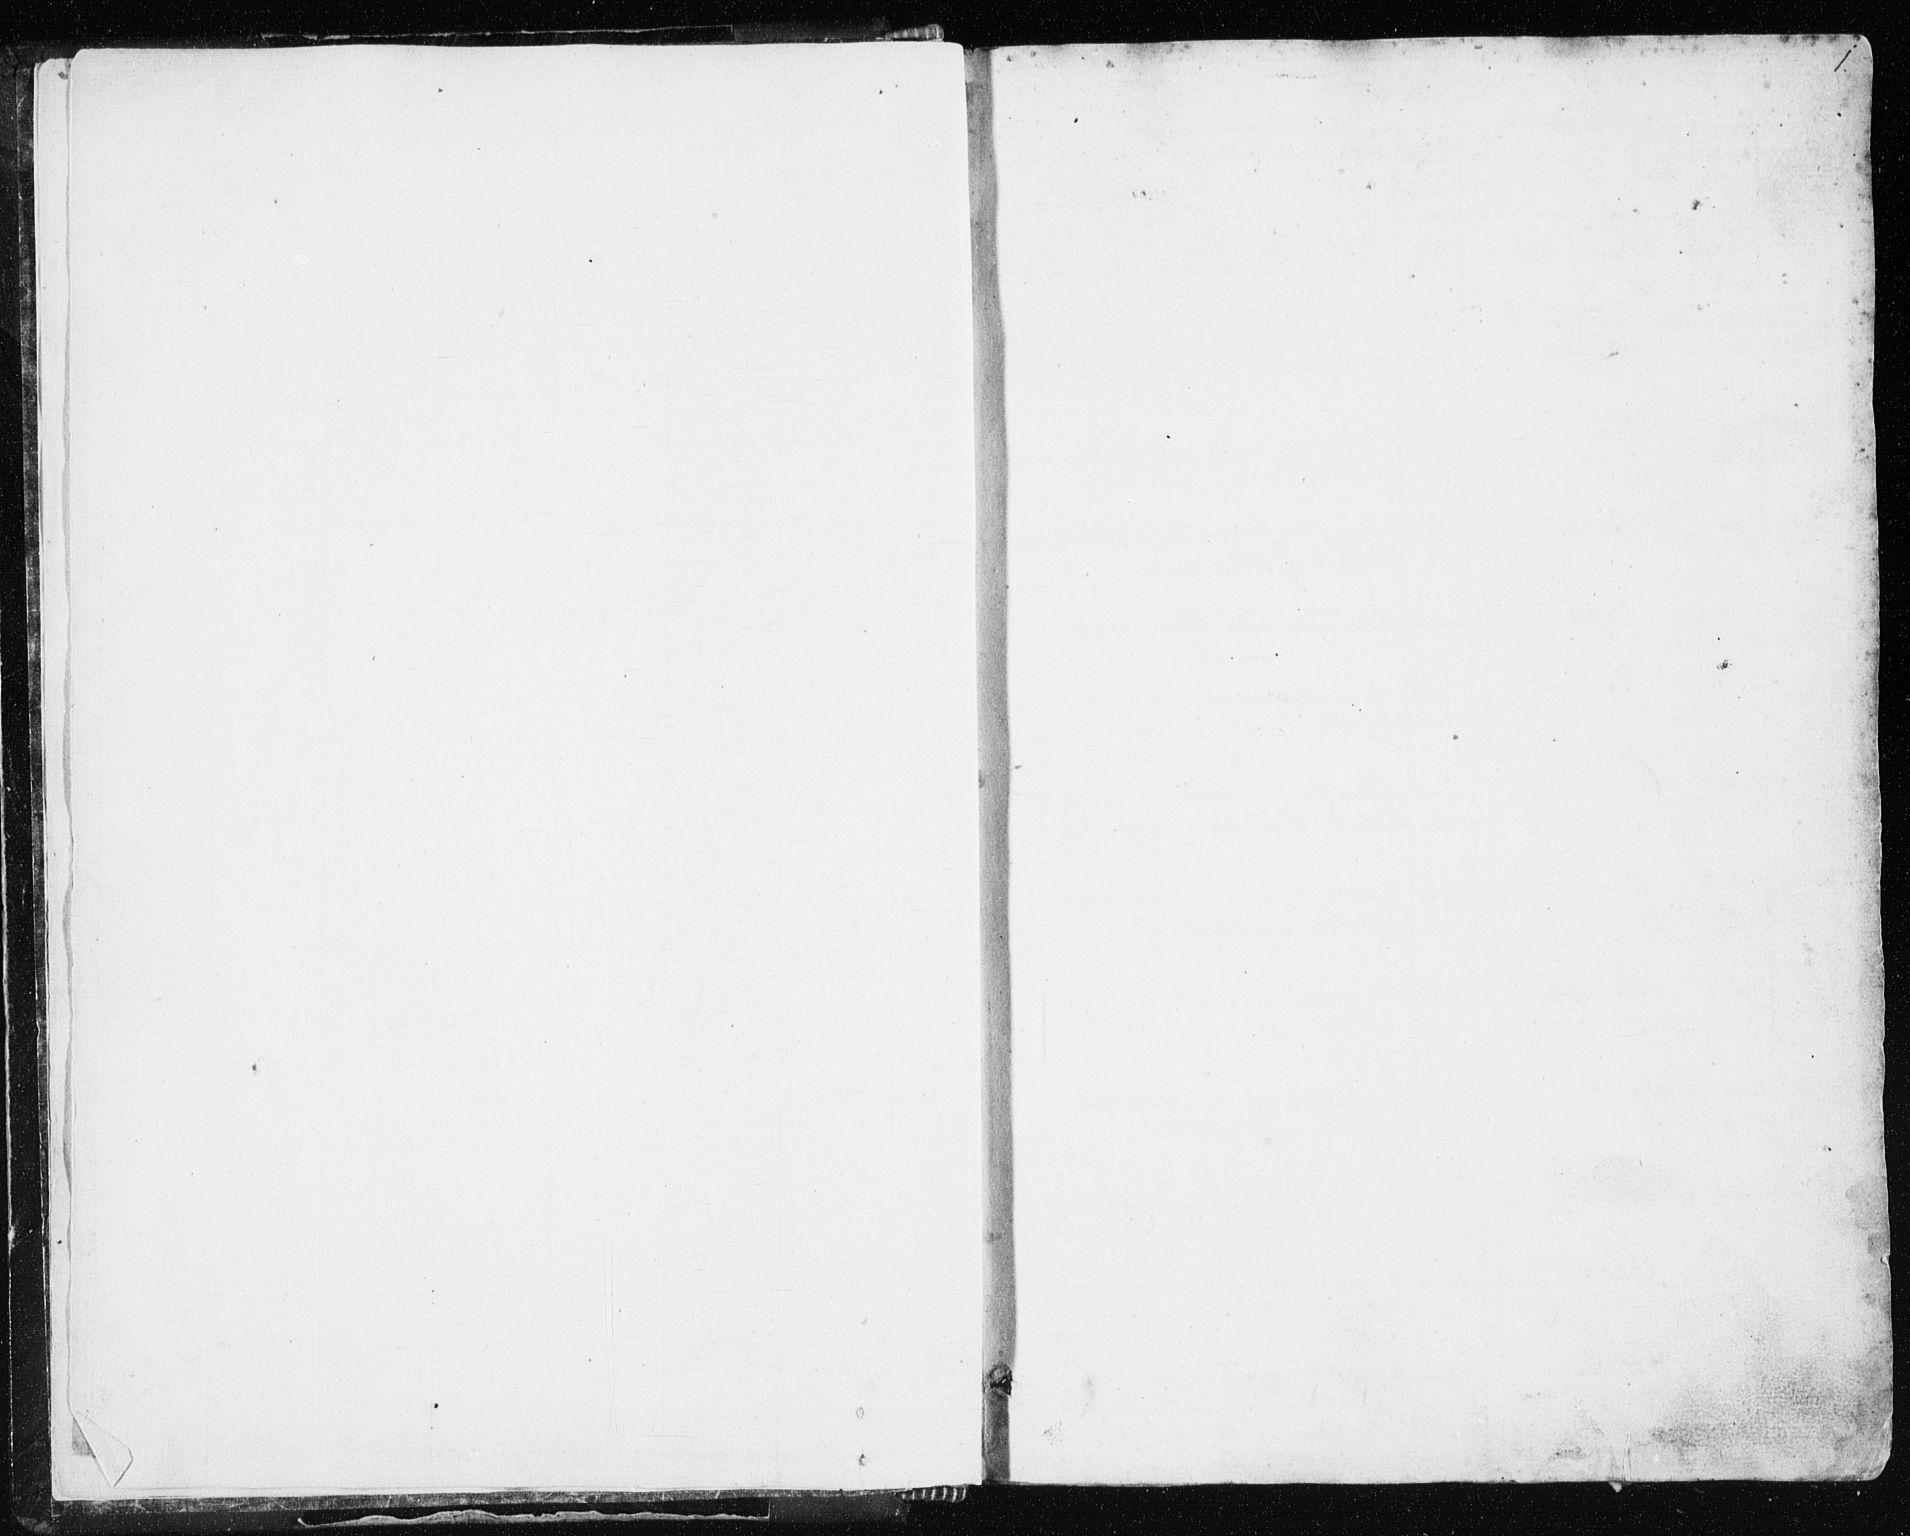 SAT, Ministerialprotokoller, klokkerbøker og fødselsregistre - Sør-Trøndelag, 634/L0528: Ministerialbok nr. 634A04, 1827-1842, s. 1